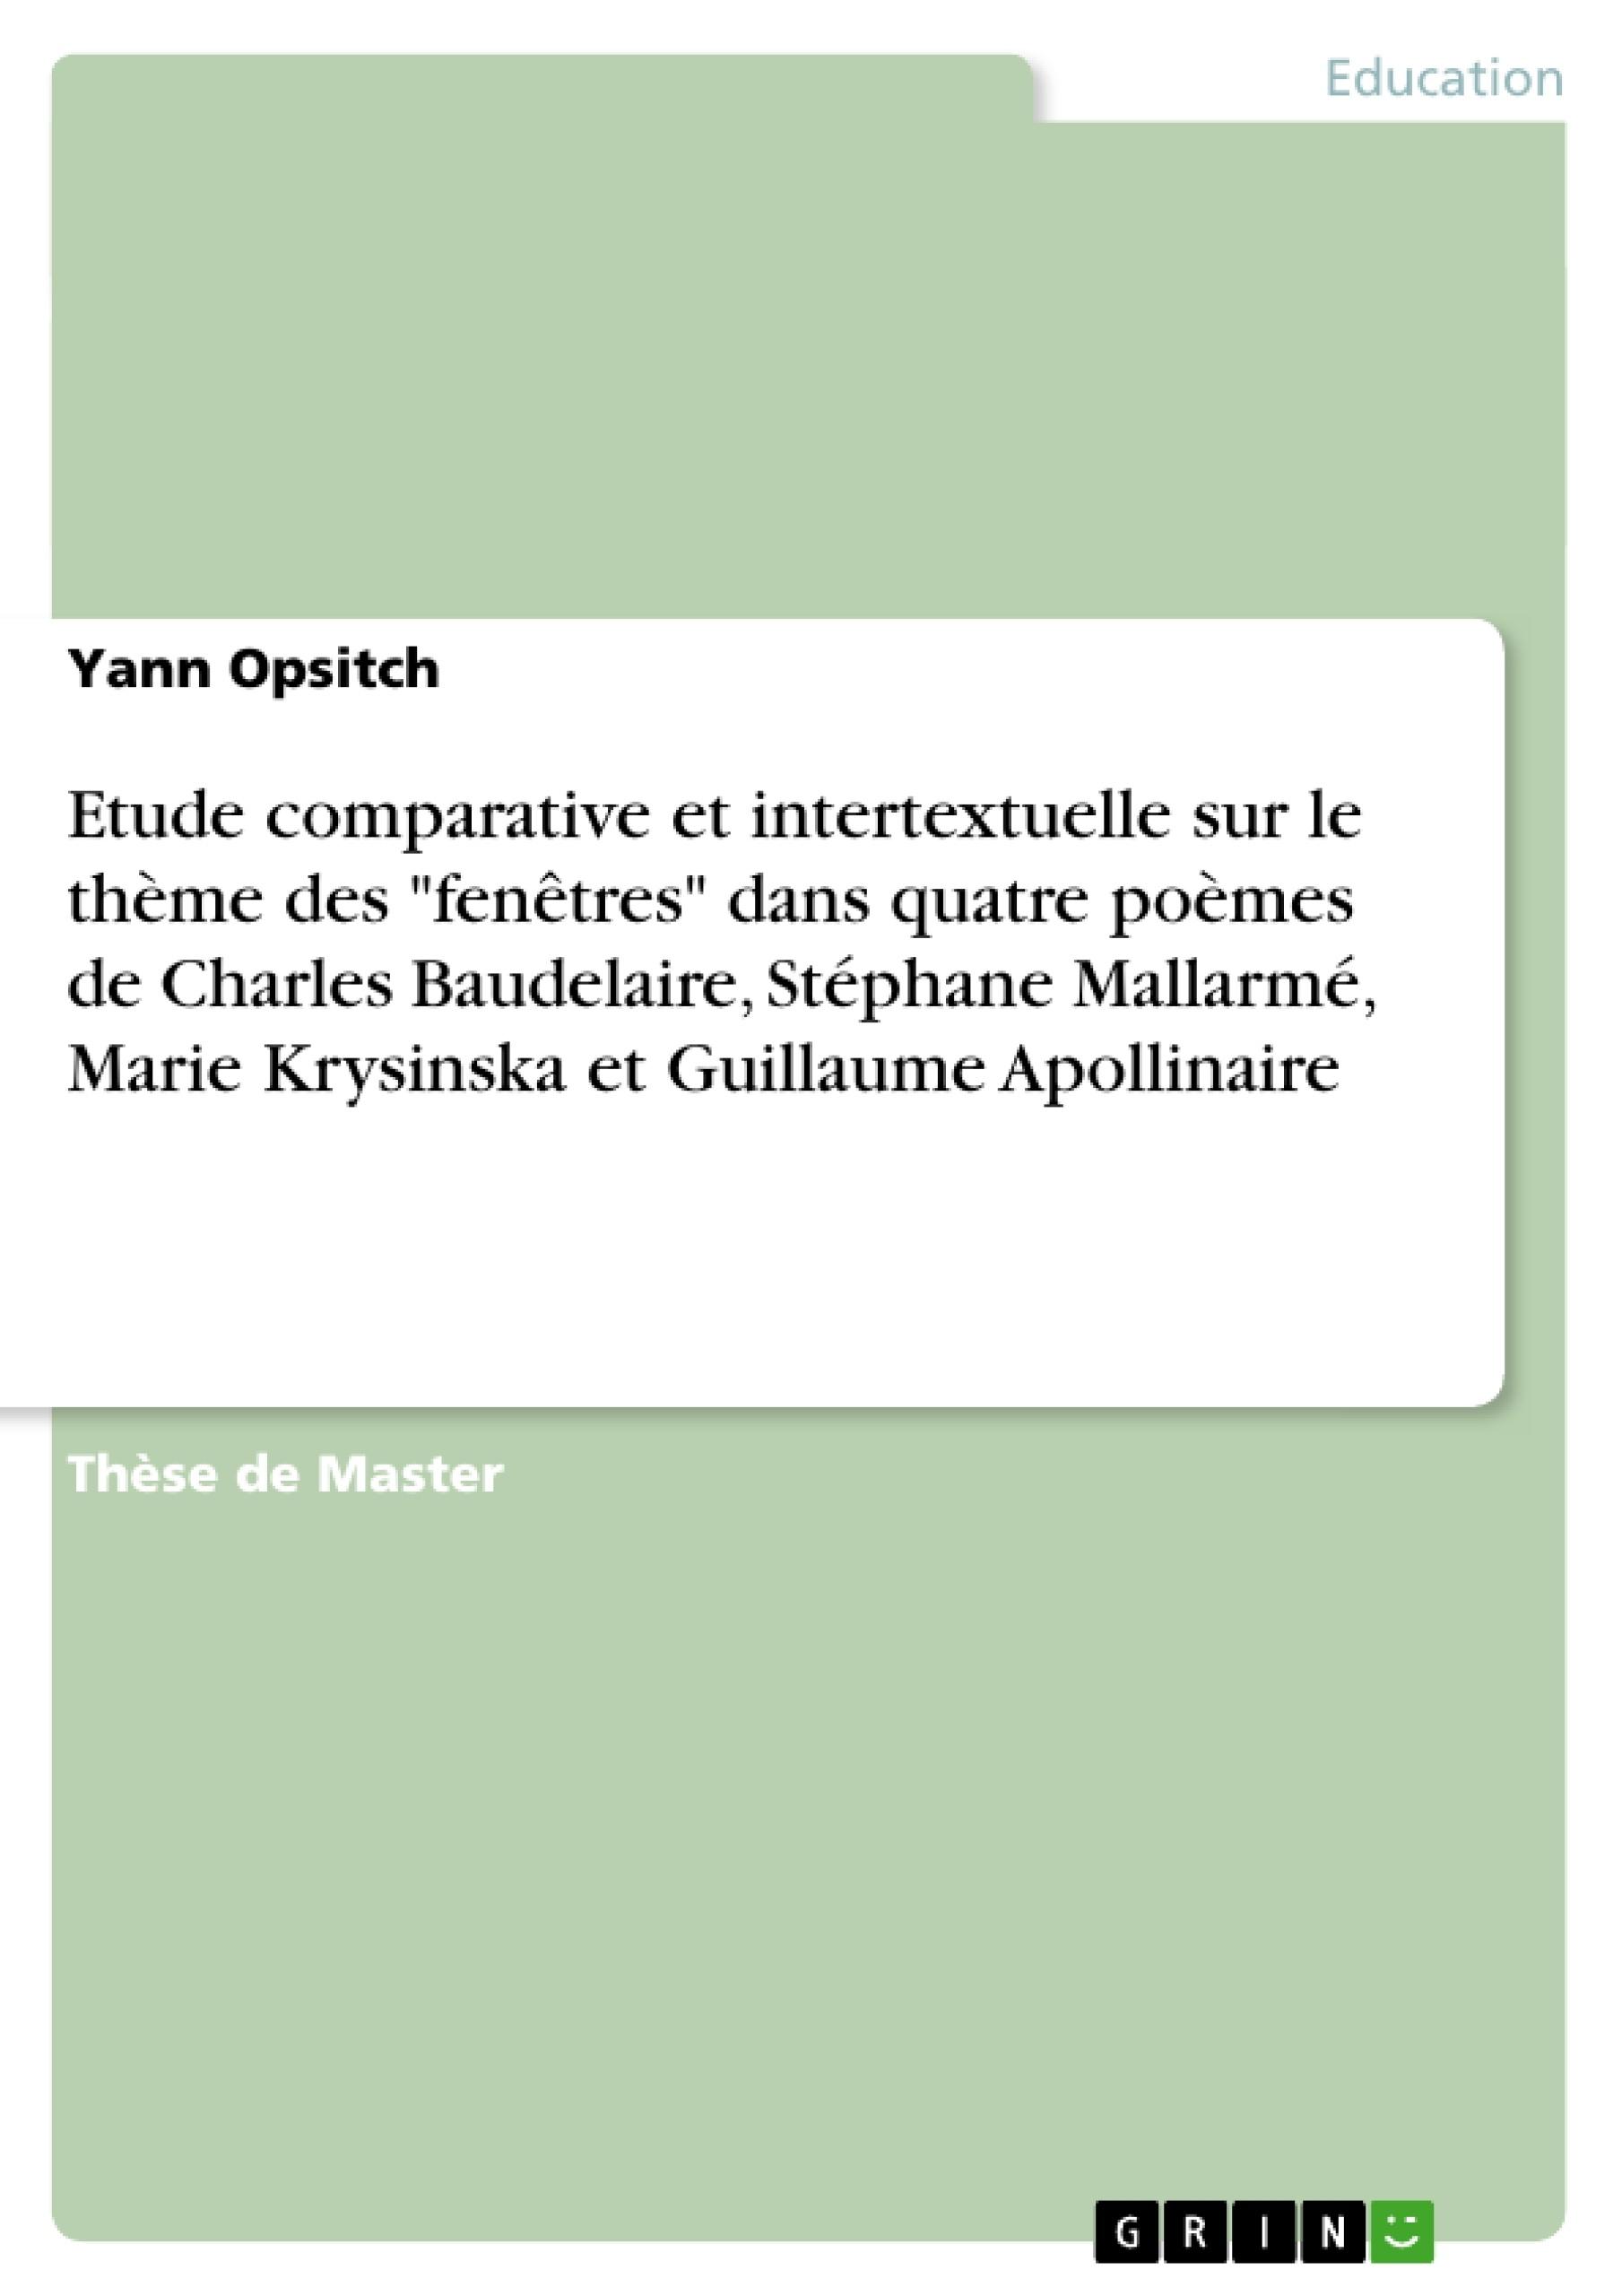 grin etude comparative et intertextuelle sur le theme des fenetres dans quatre poemes de charles baudelaire stephane mallarme marie krysinska et